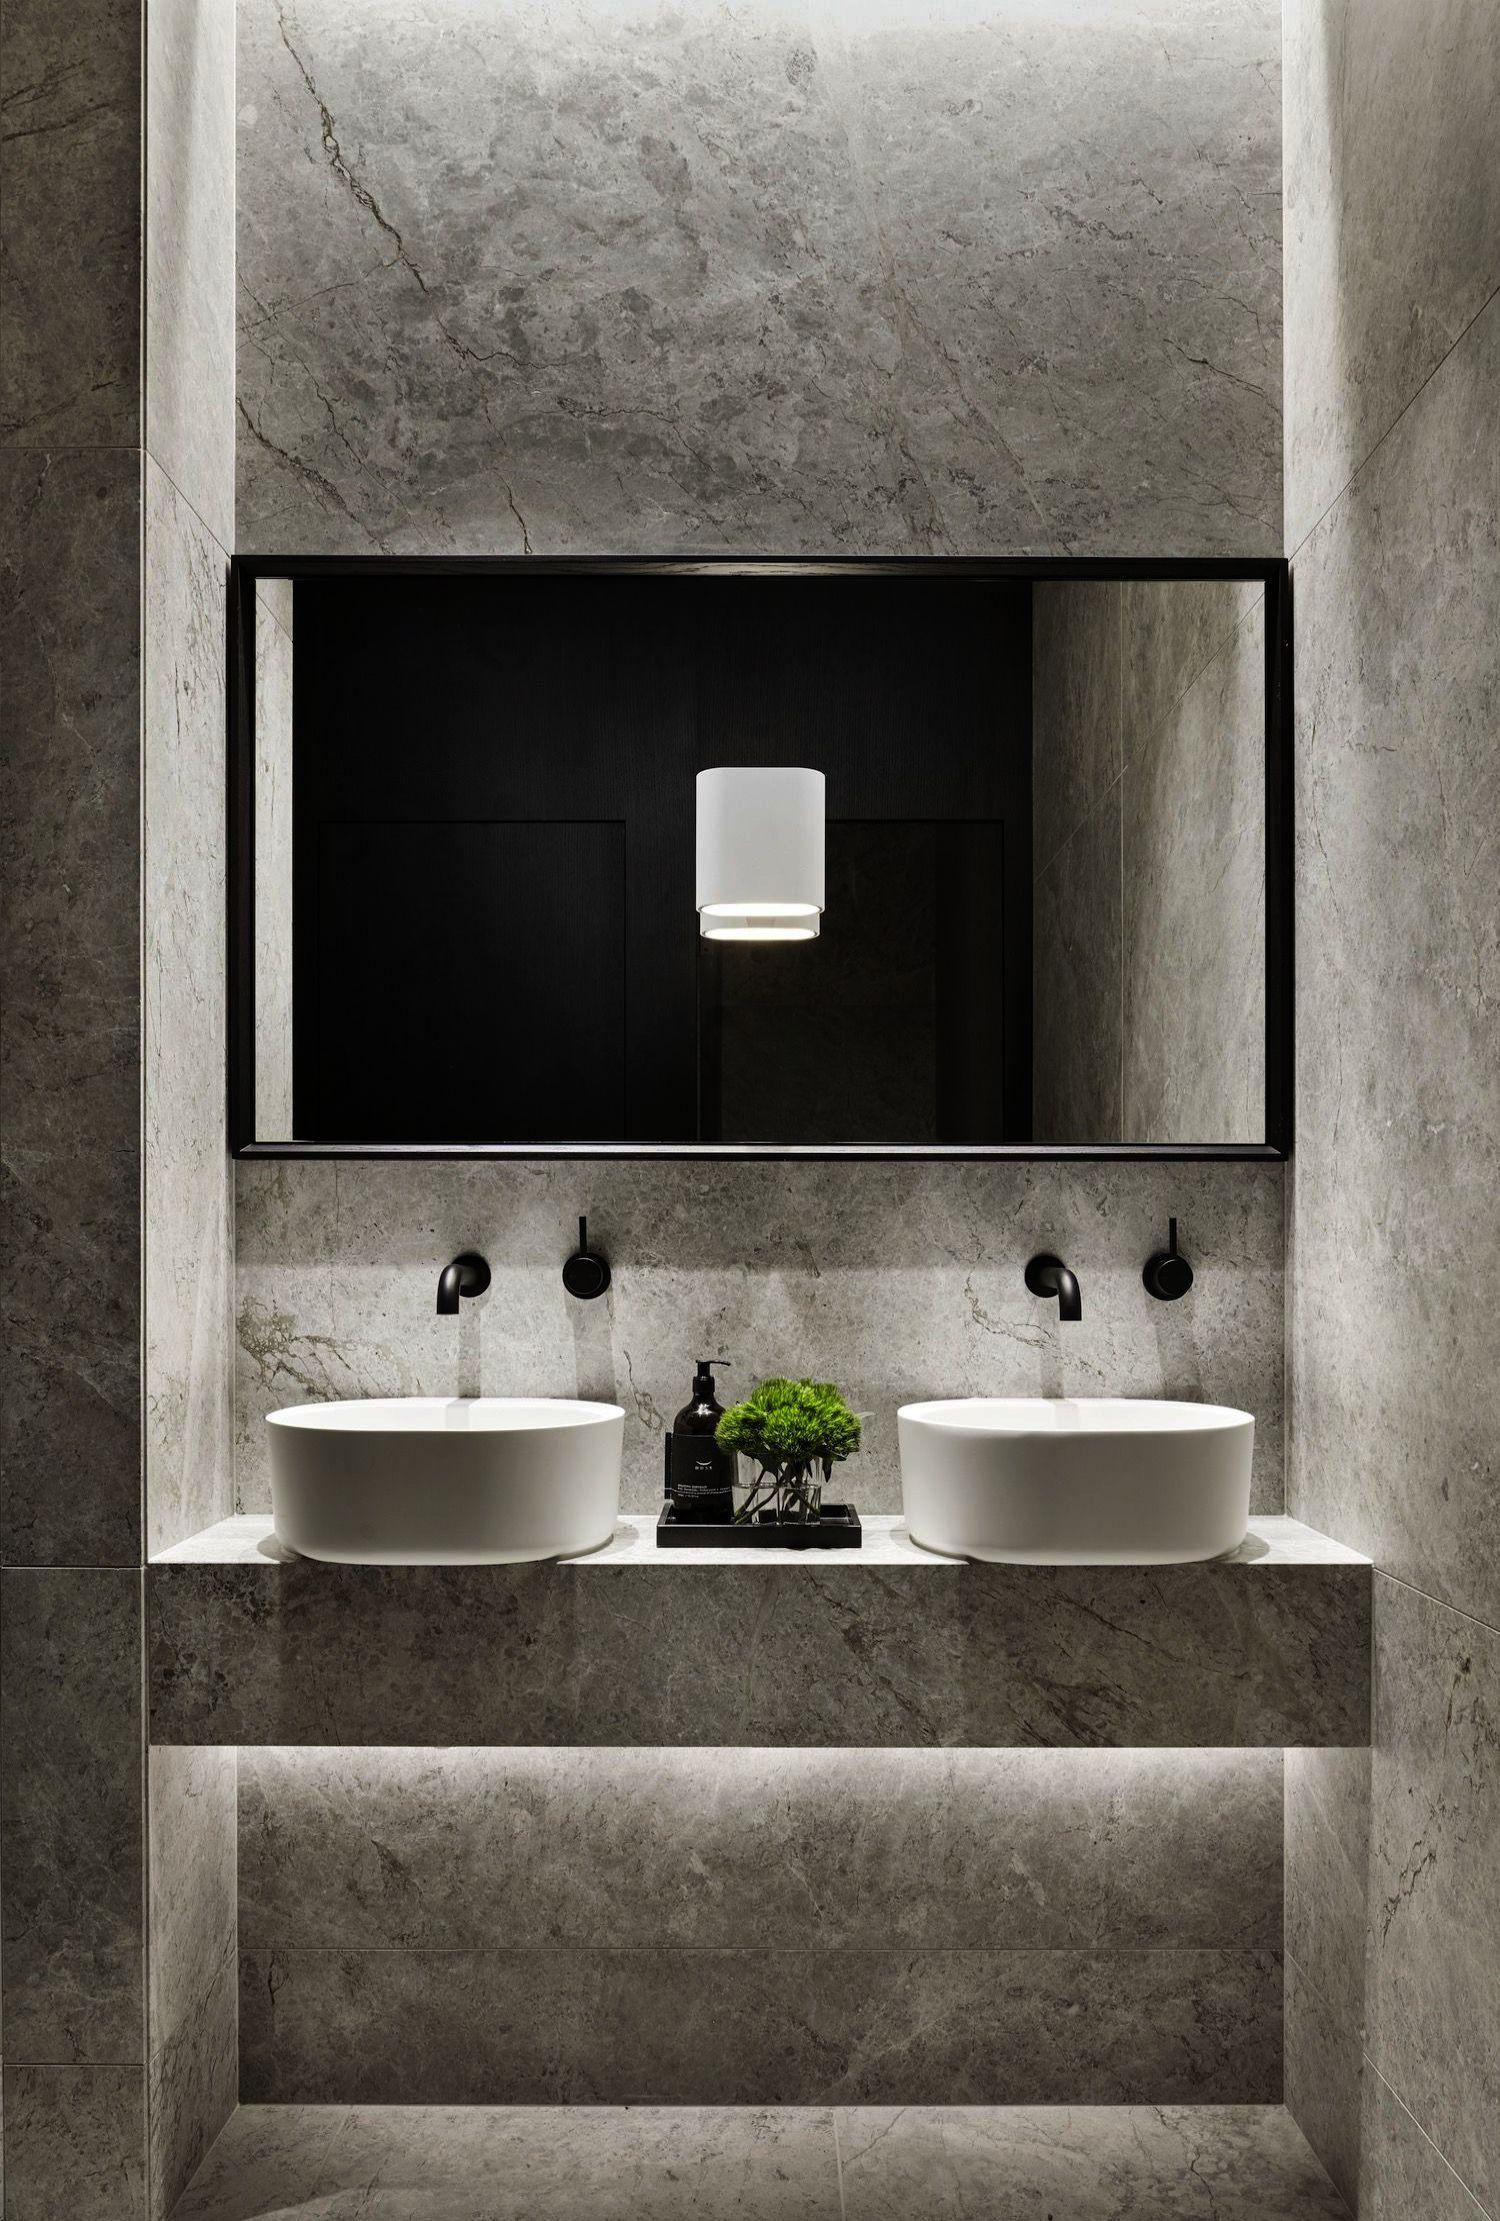 40+ Bathroom vanities las vegas ideas in 2021